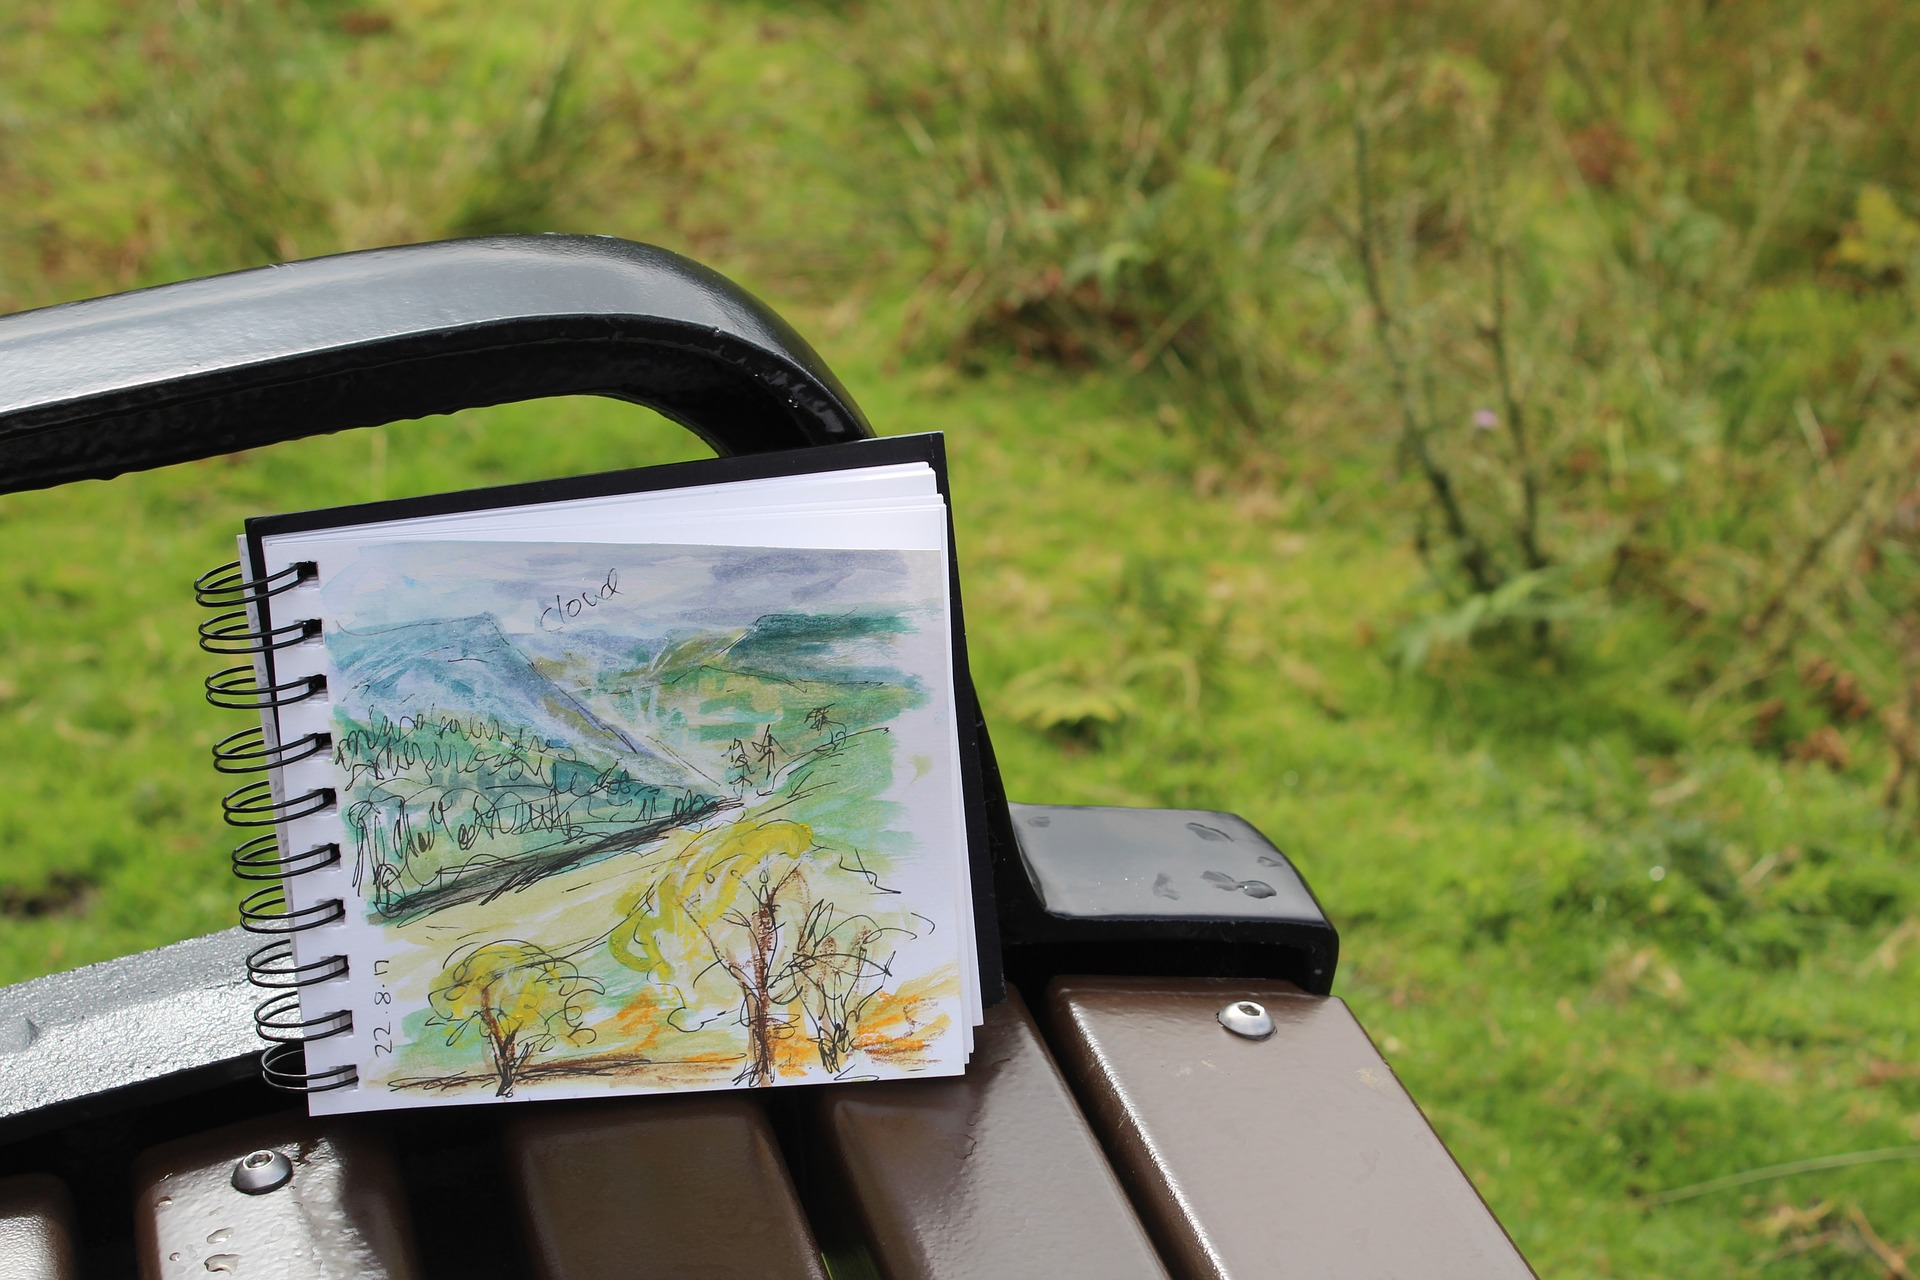 Au printemps, la nature se réveille, c'est le moment idéal pour observer la nature, la dessiner, l'illustrer, la croquer, ...